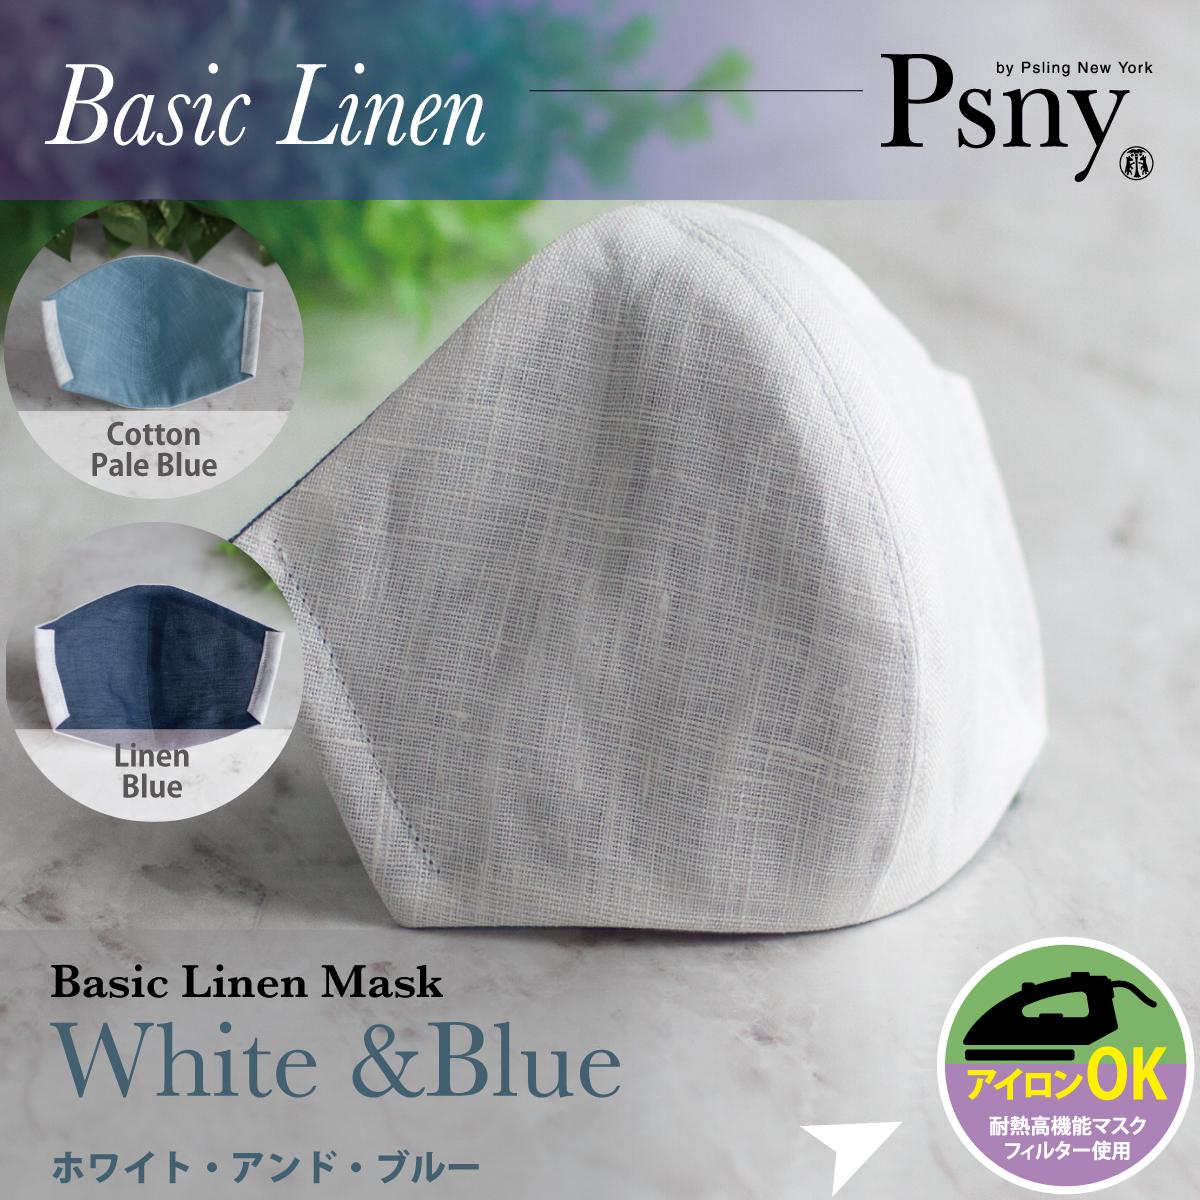 PSNY ベーシックリネン・ホワイト(&ブルー) 花粉 黄砂 洗えるフィルター入り 立体 マスク 大人用 送料無料